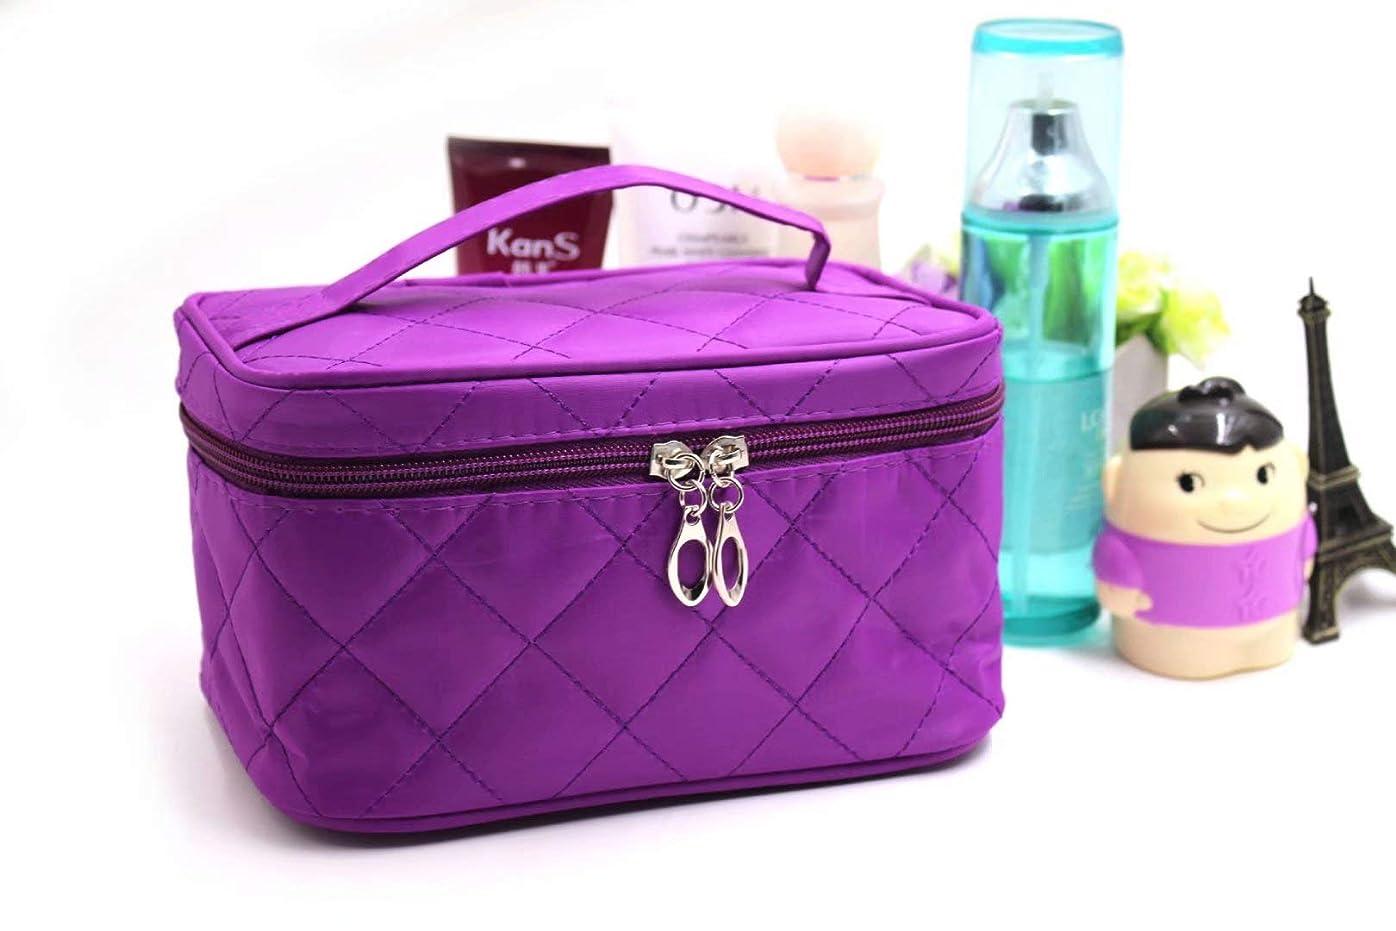 不明瞭銛パスタLiroyal 化粧ポーチ コスメポーチ メイクポーチ 大容量 バニティポーチ 機能的 紫色